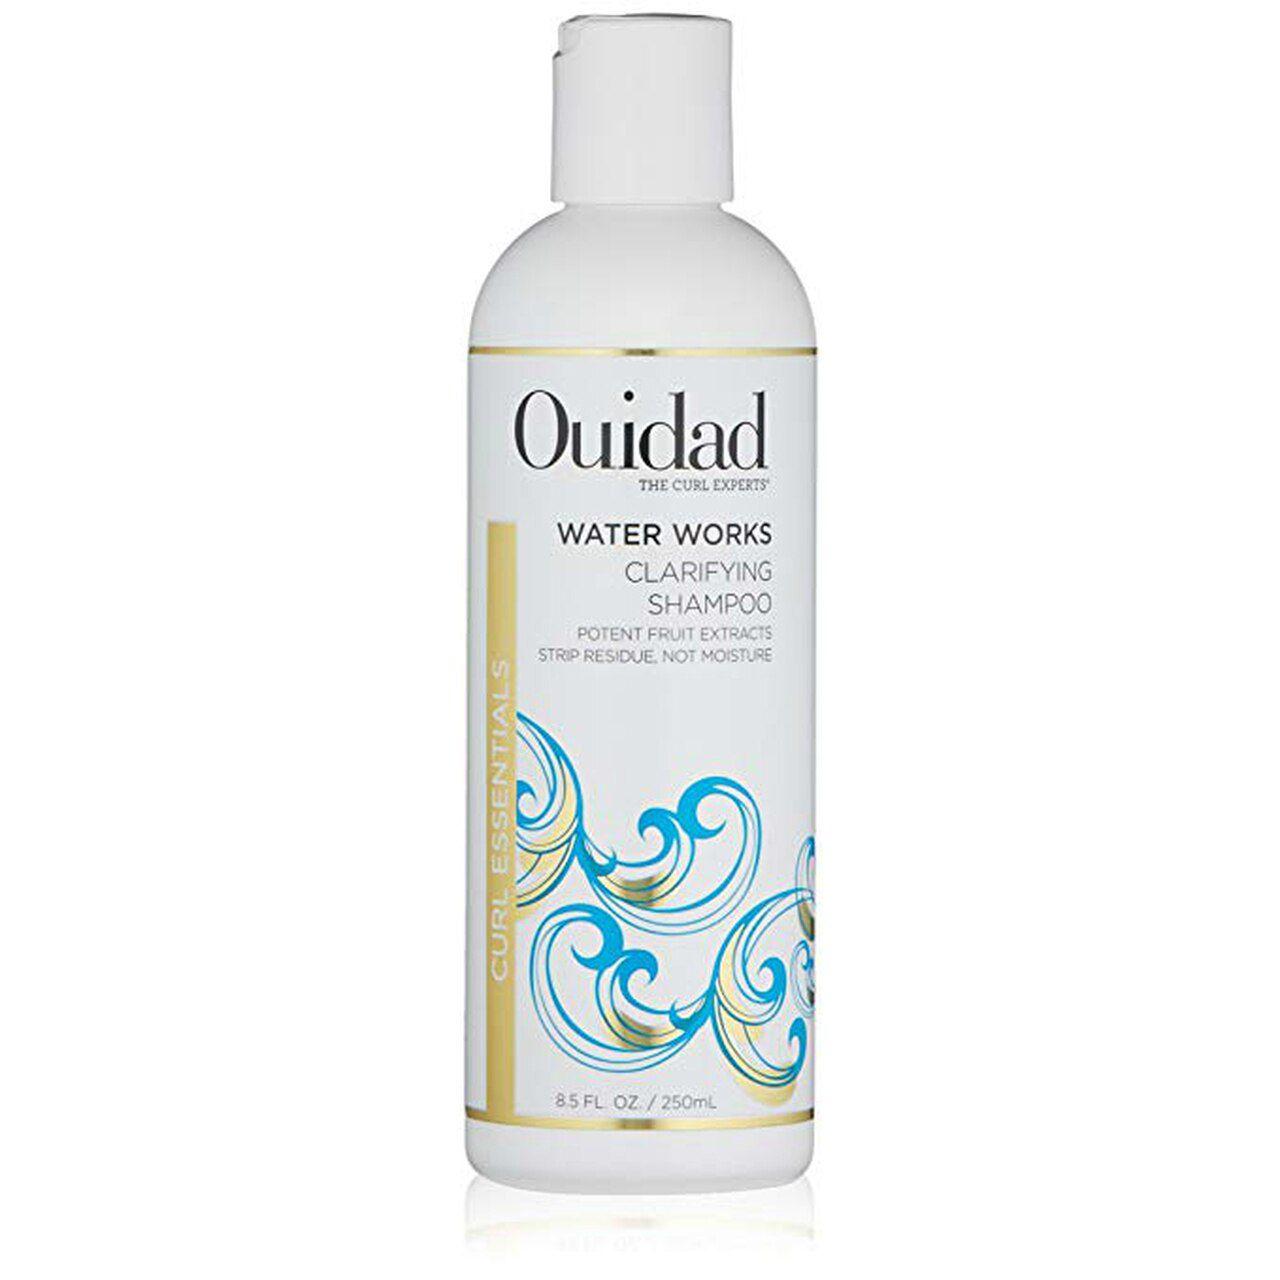 Ouidad Water Works